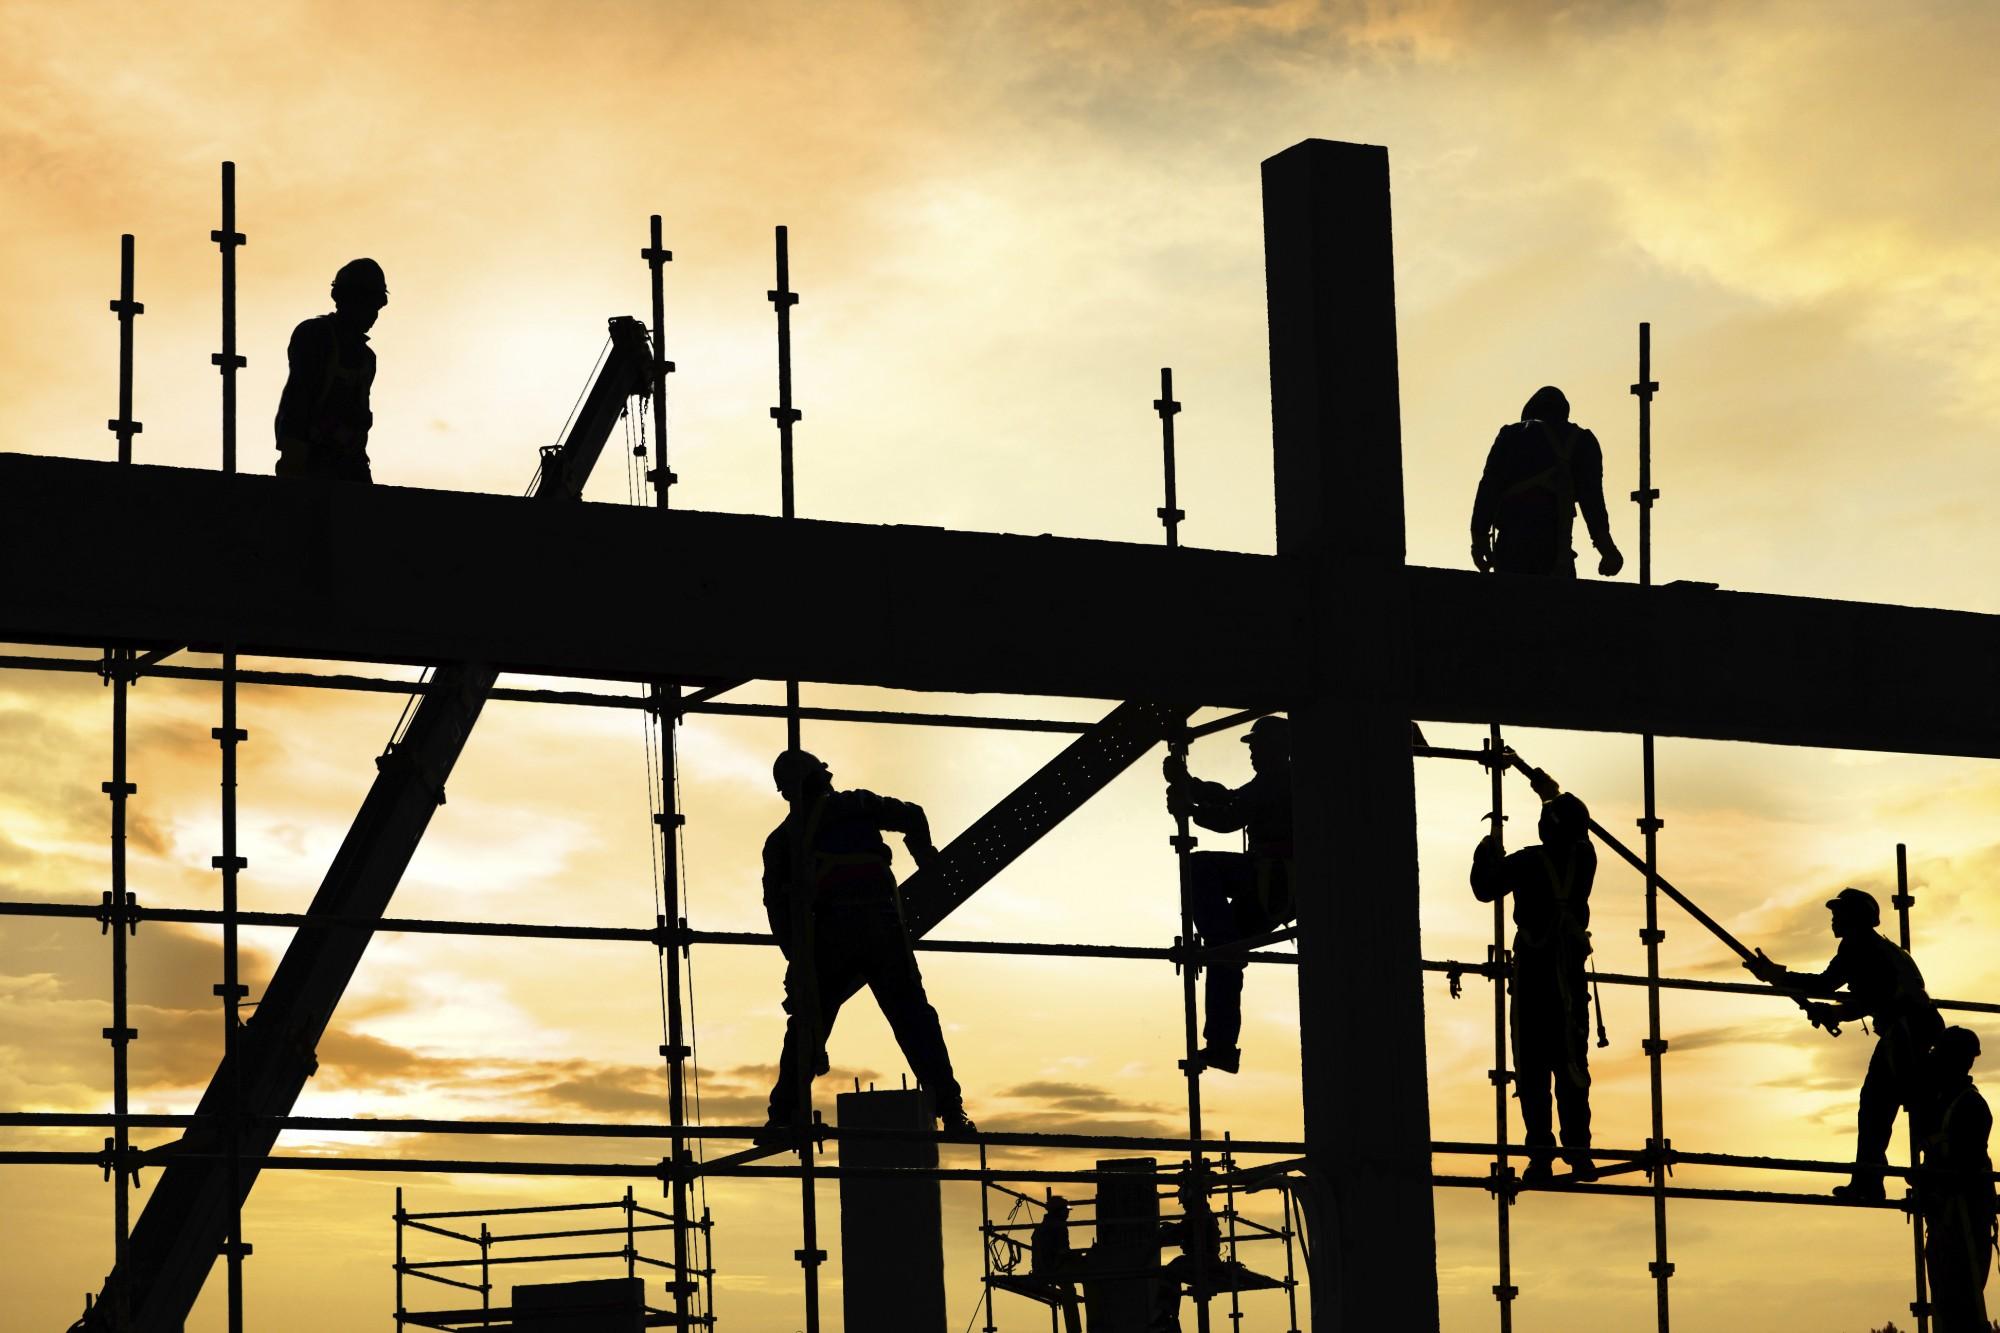 Darbas statybose: vagiamos algos, nežmoniškos sąlygos, patyčios (Artūro atvejis)